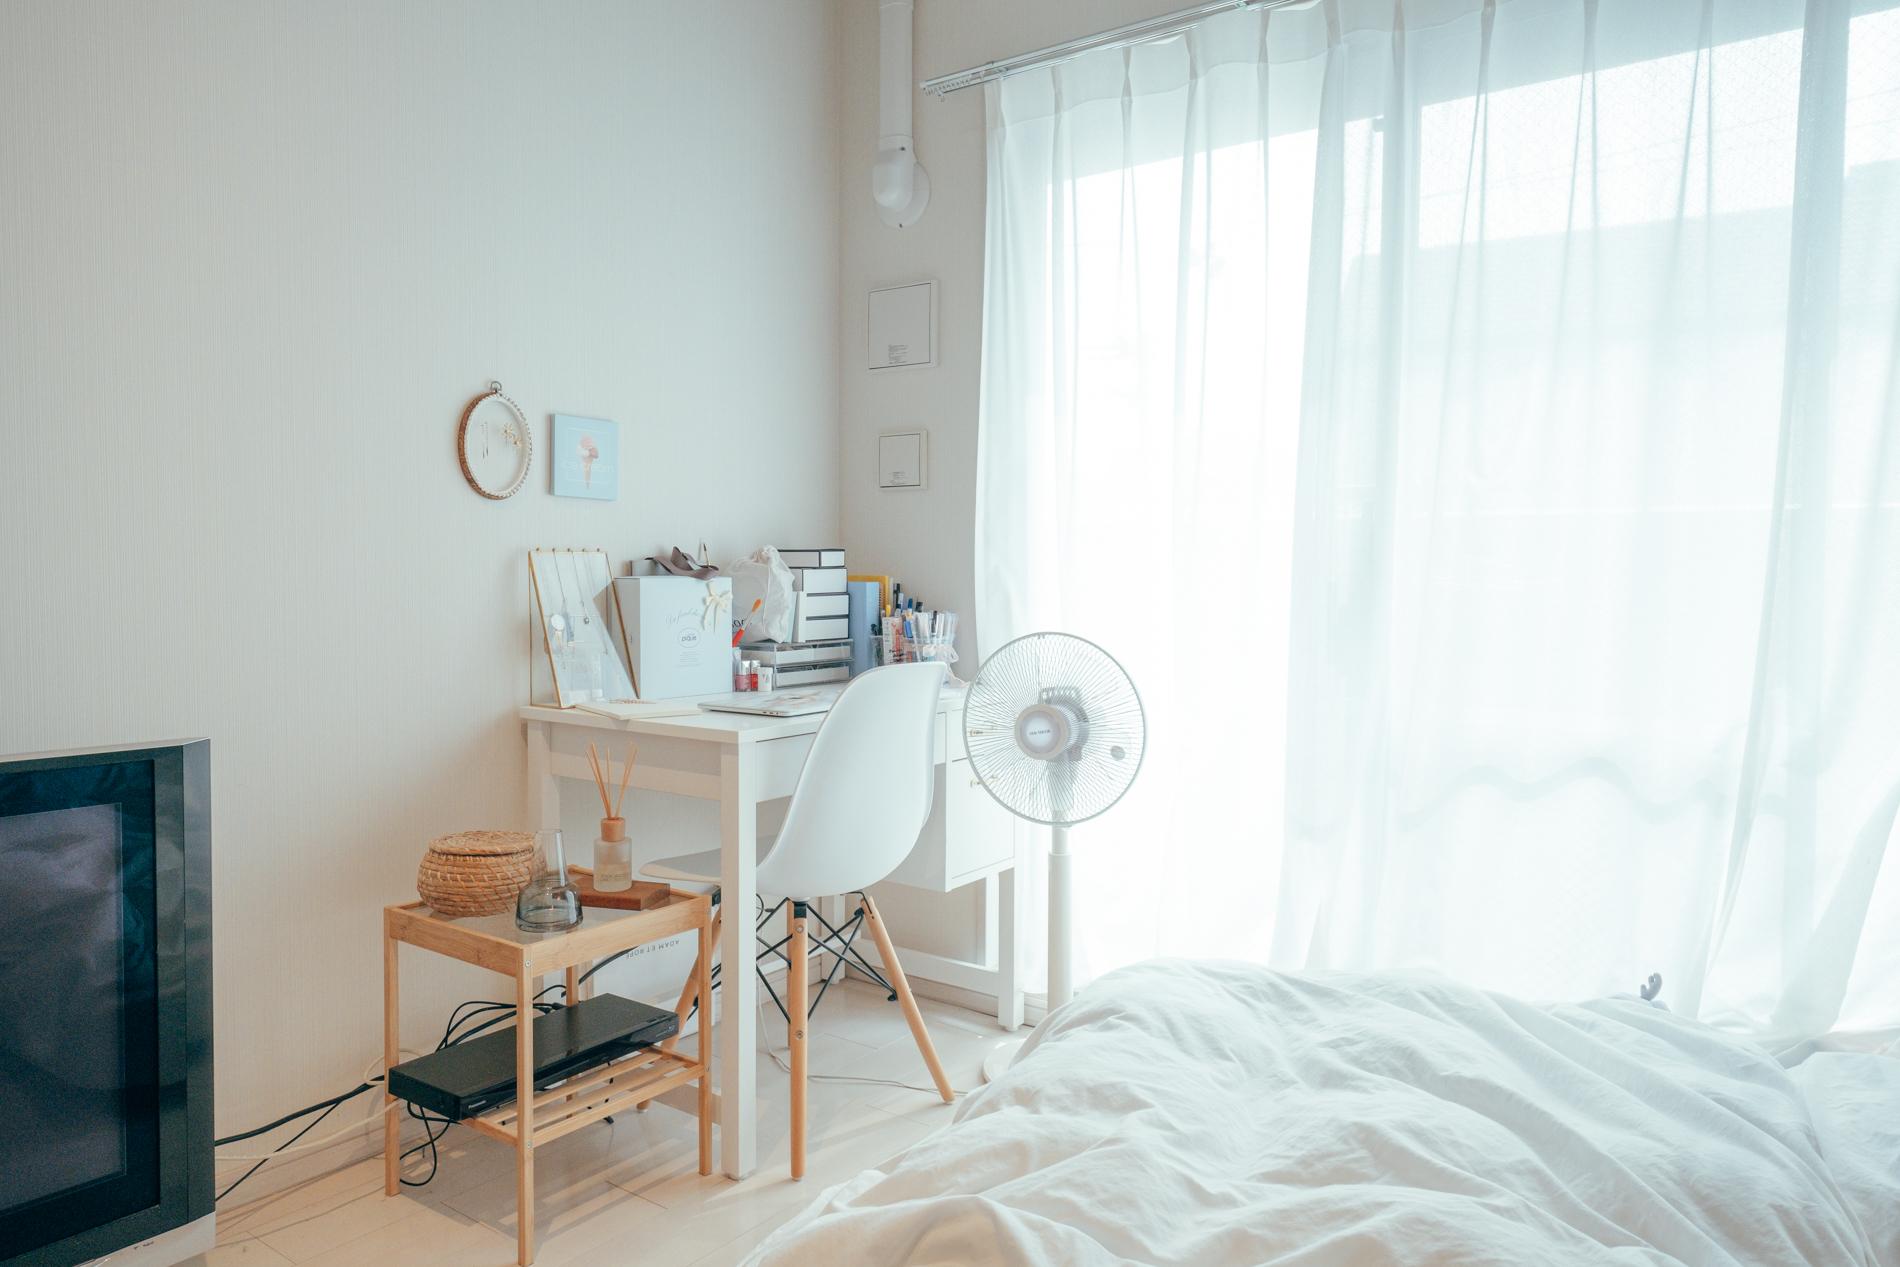 組み合わせが選べるmomo natural のデスク。光が一番よく入る窓際に配置されています。